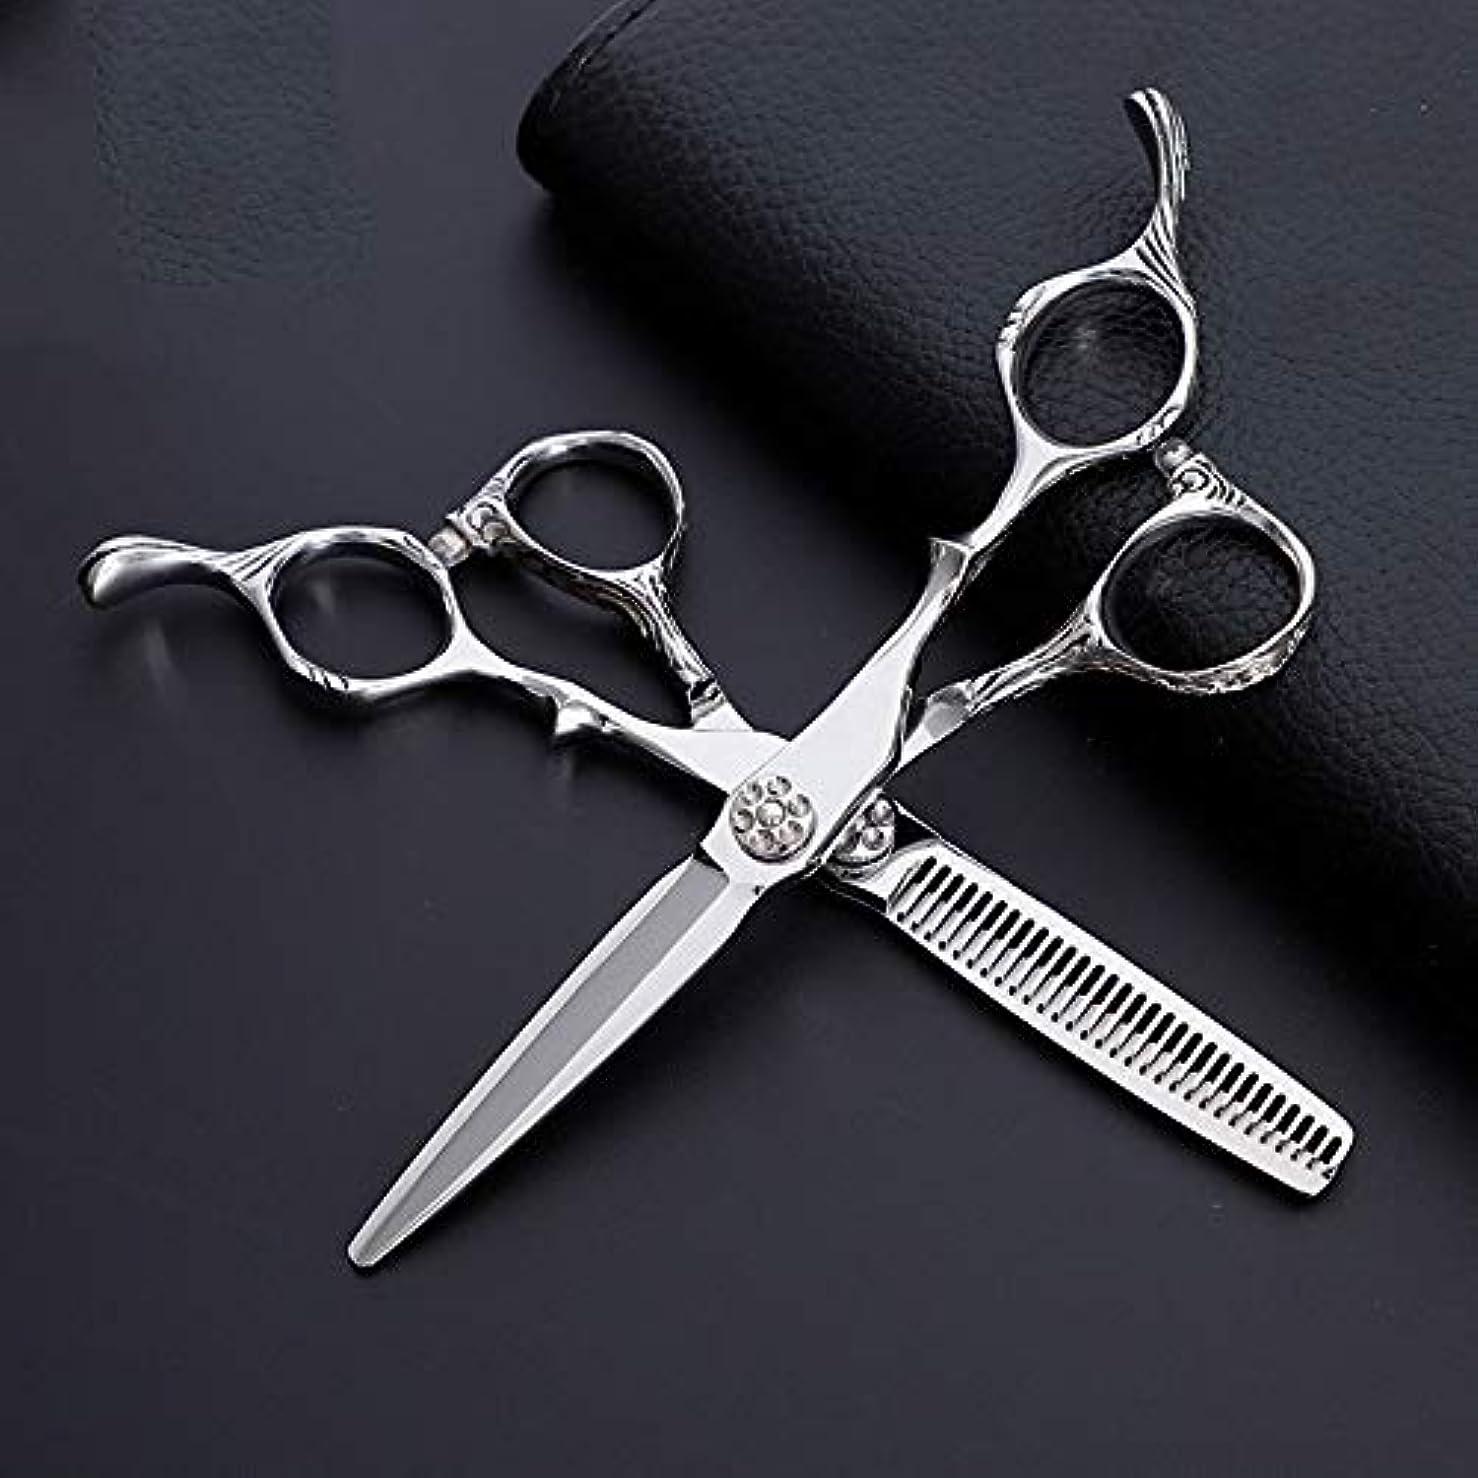 撤回する発表する正確なBOBIDYEE 6インチ美容院プロフェッショナル理髪セットハイエンド理髪はさみ、フラットはさみ+歯はさみセットヘアカットはさみステンレス理髪はさみ (色 : Silver)